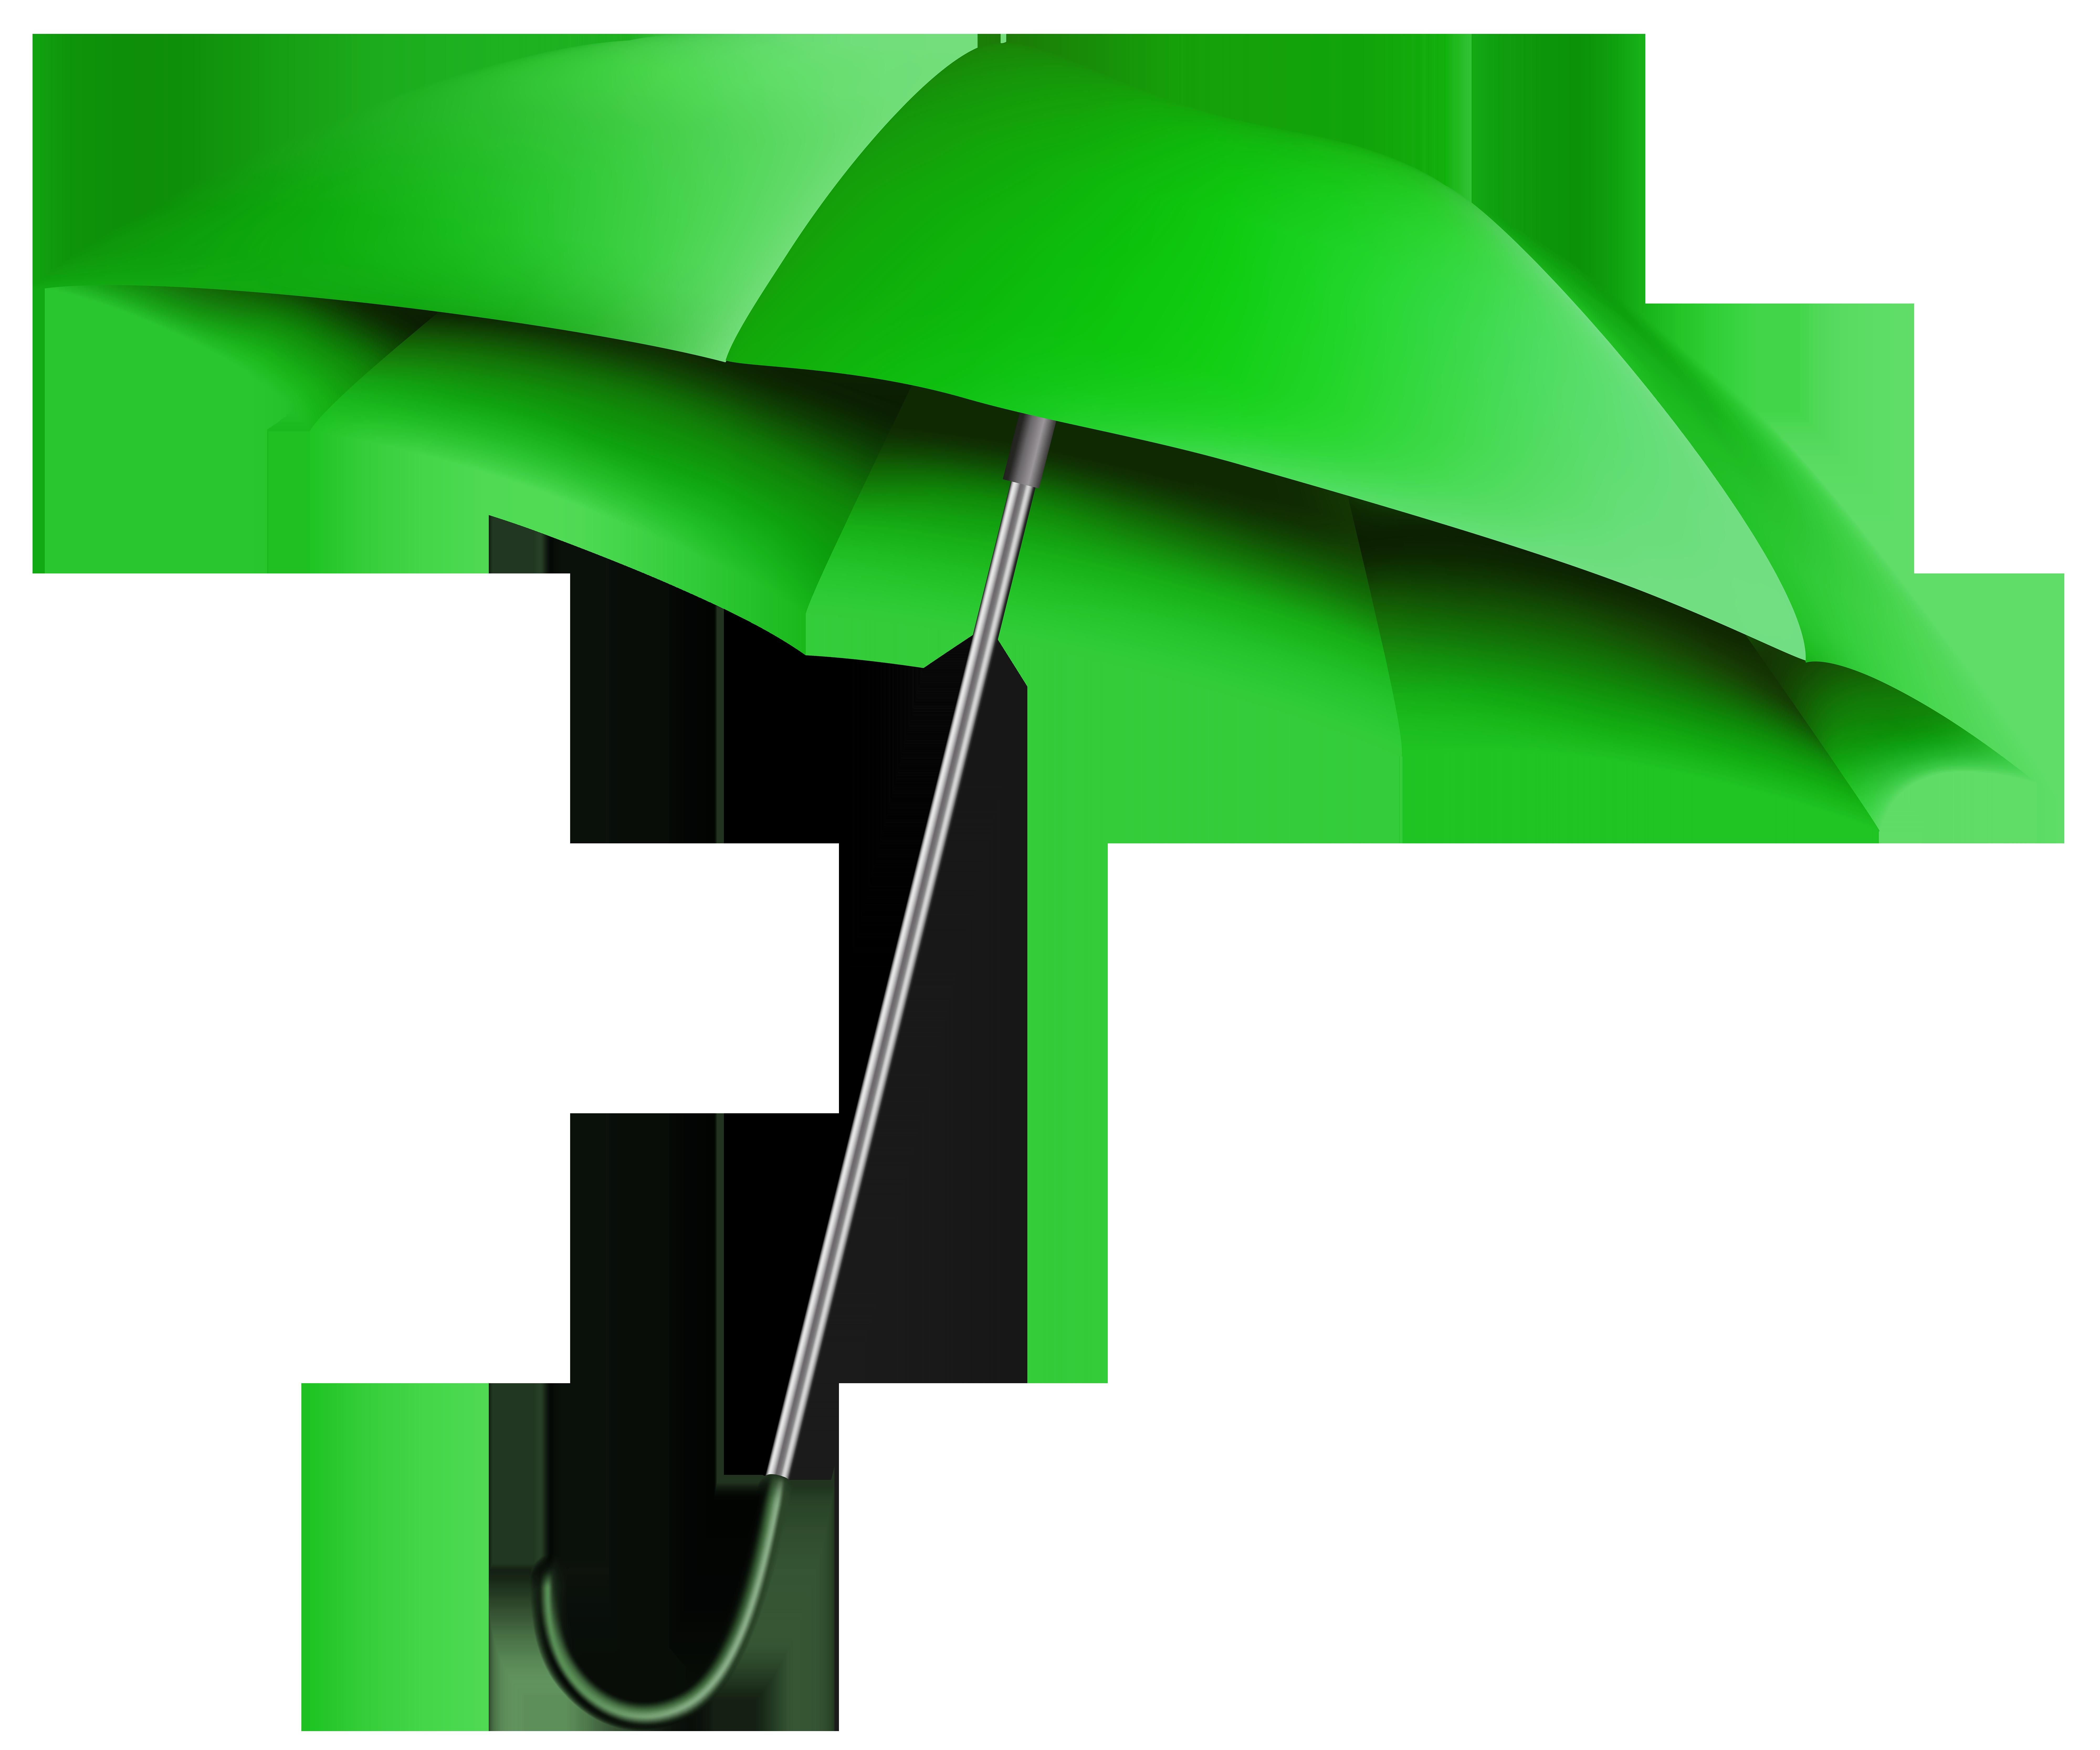 Green Umbrella Transparent PNG Clip Art Image.